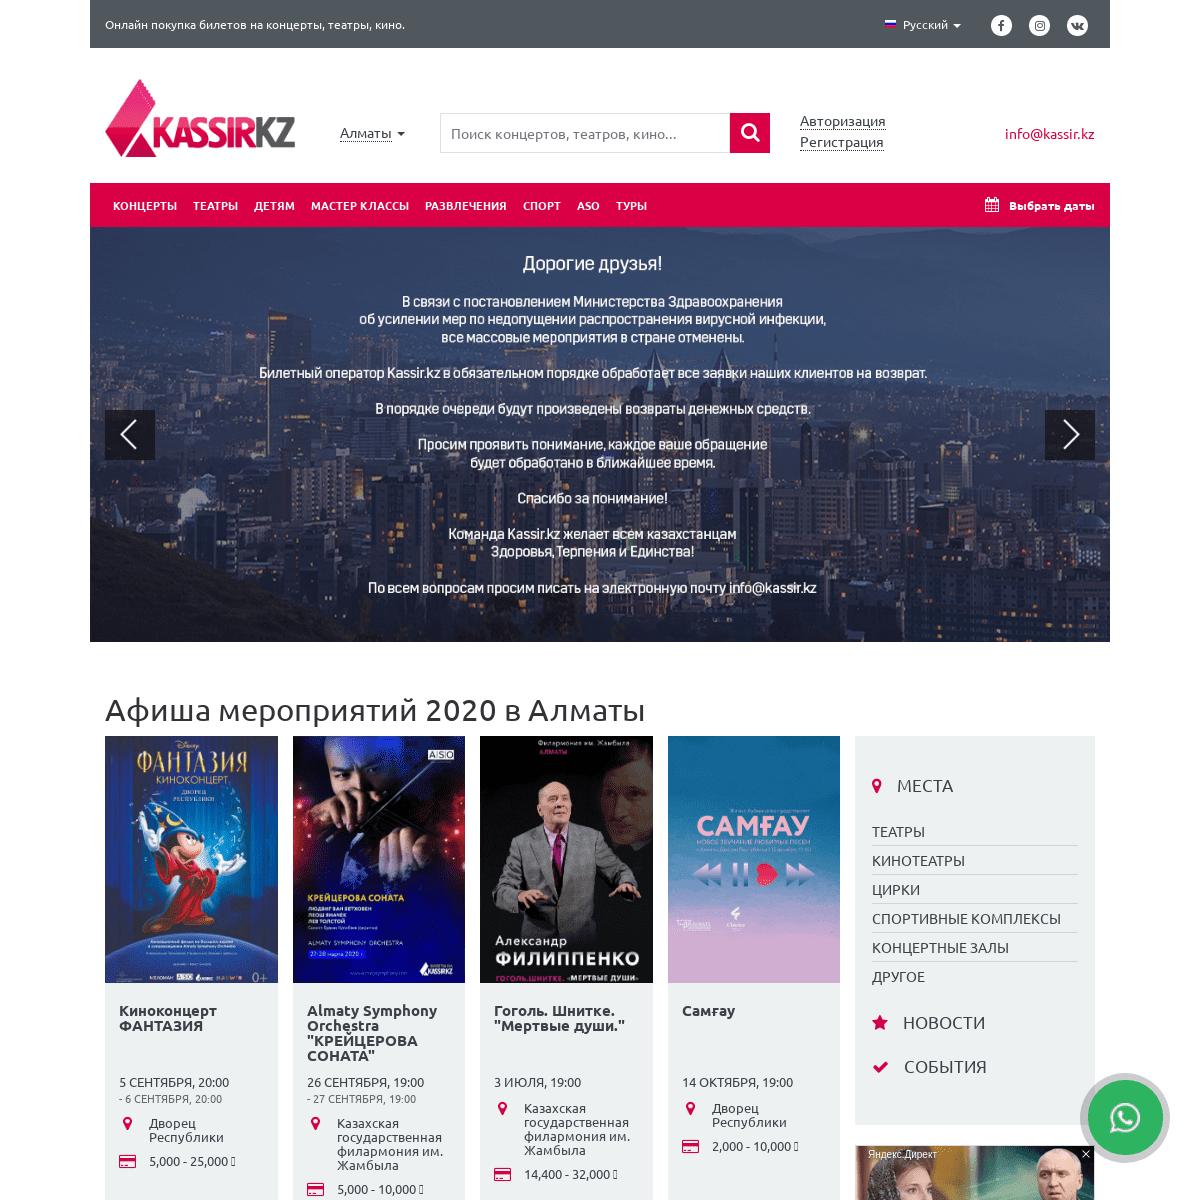 Афиша мероприятий 2020 — купить билеты на мероприятия в Алматы - Kassir.kz